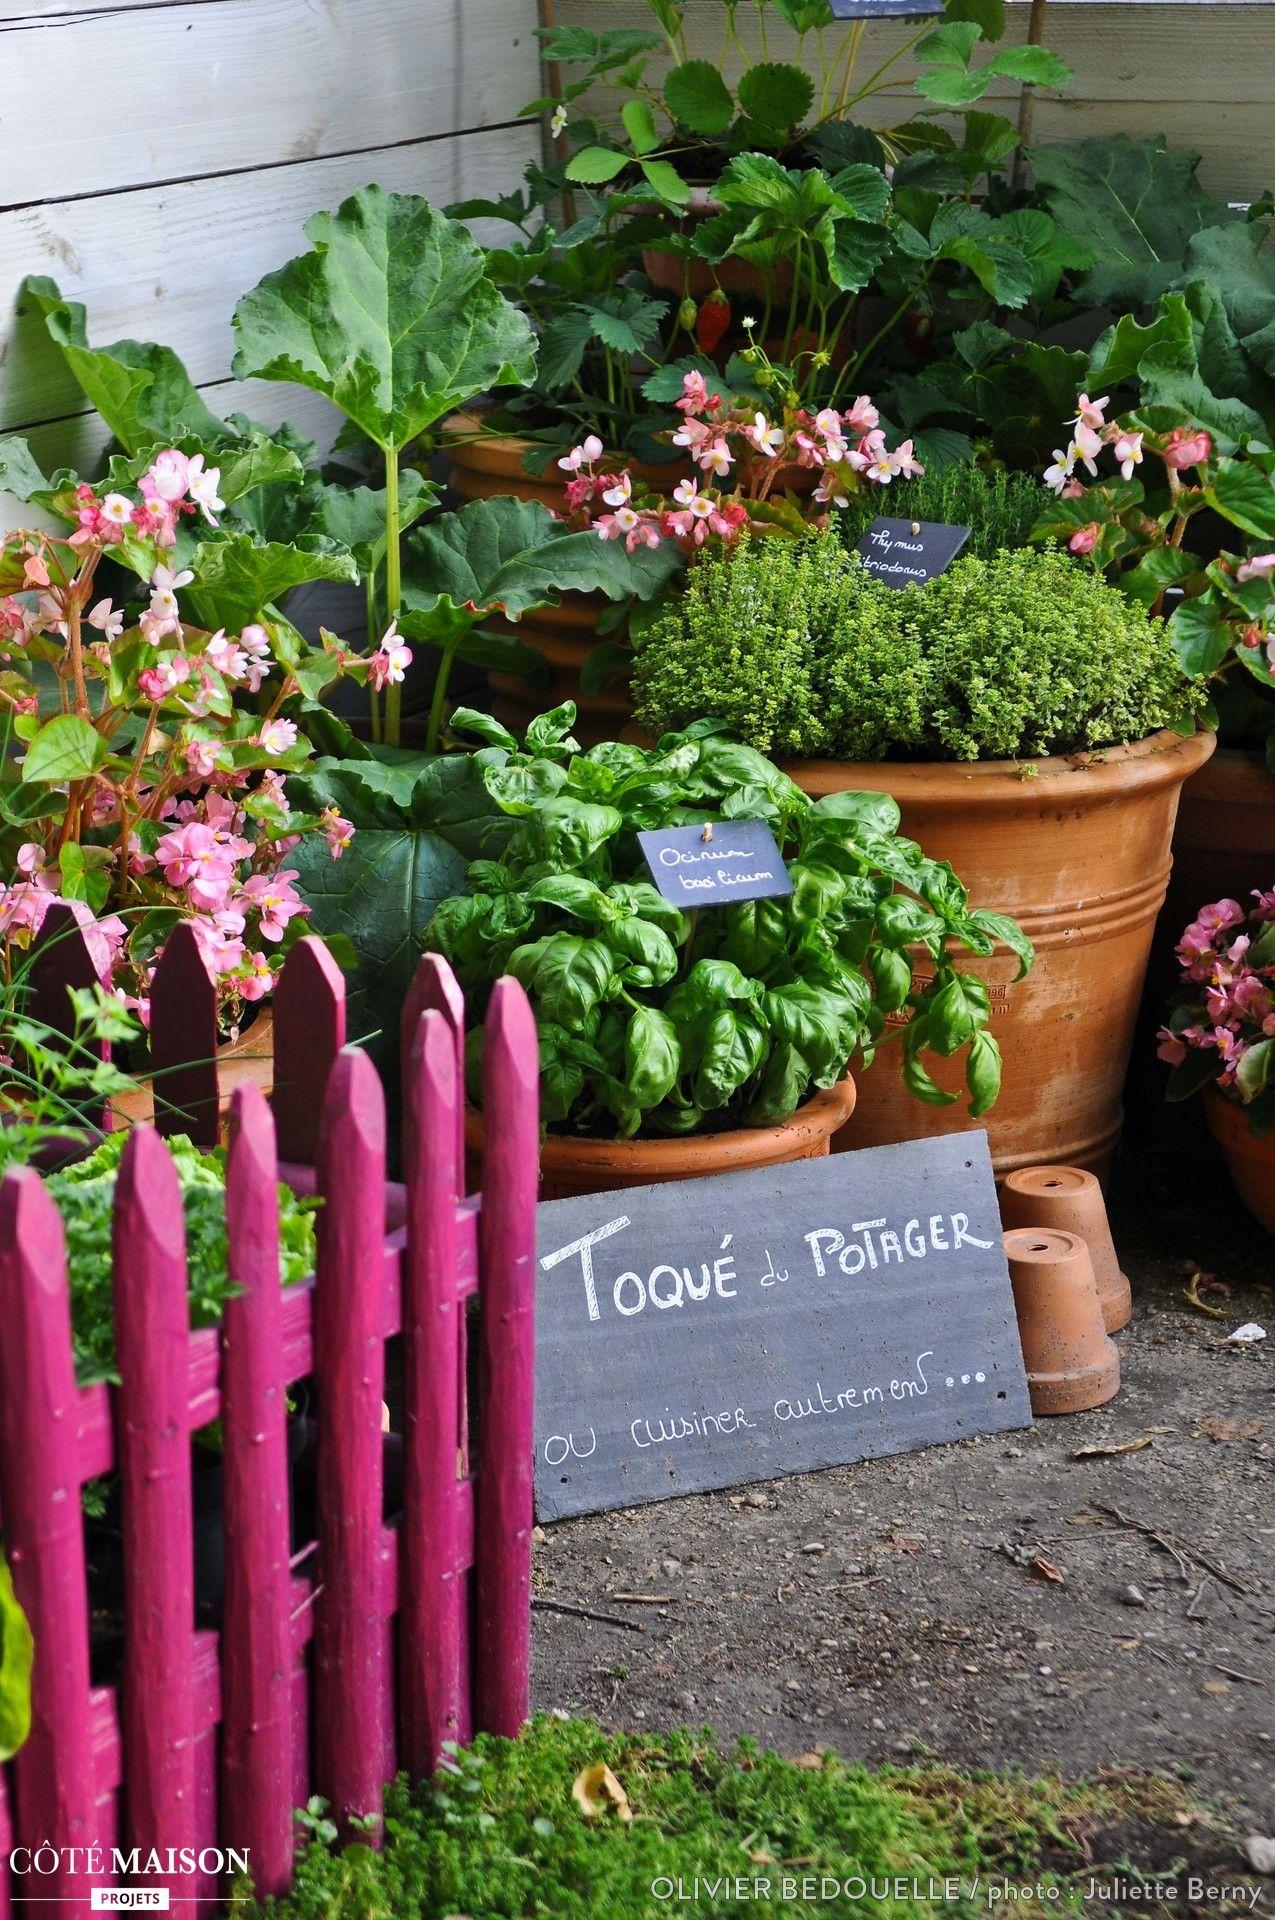 facile cr er et tr s esth tique le jardin potager ph m re a tout bon jardinage et. Black Bedroom Furniture Sets. Home Design Ideas